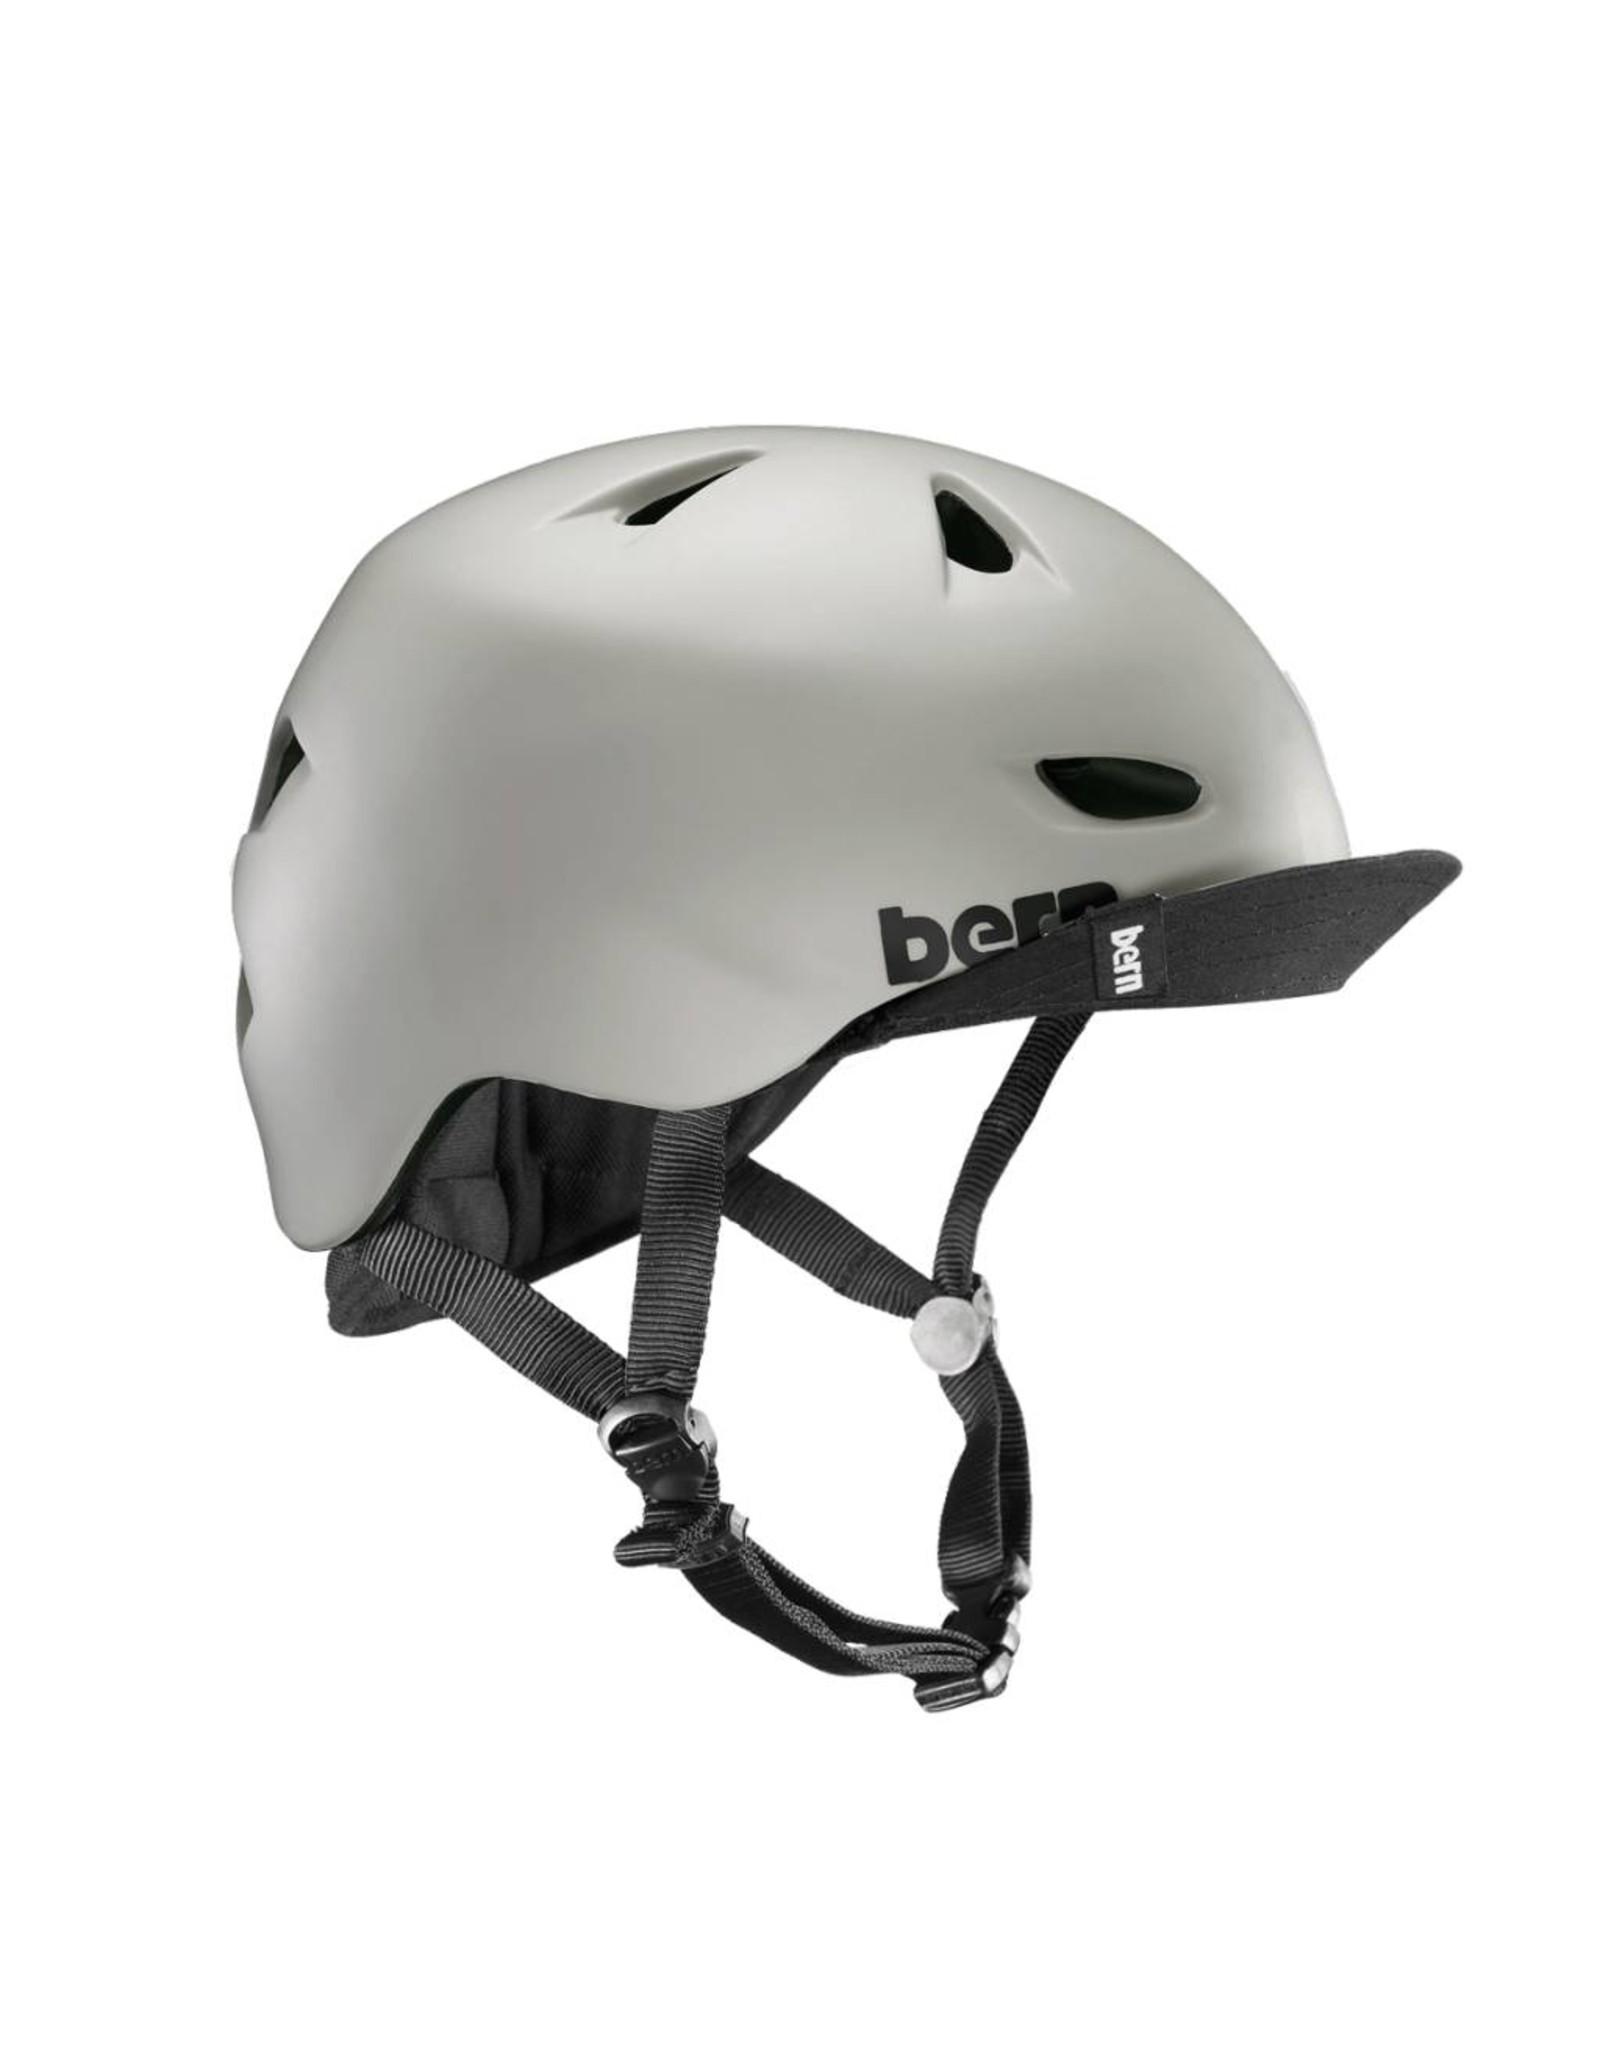 Bern Bern Brentwood Helmet